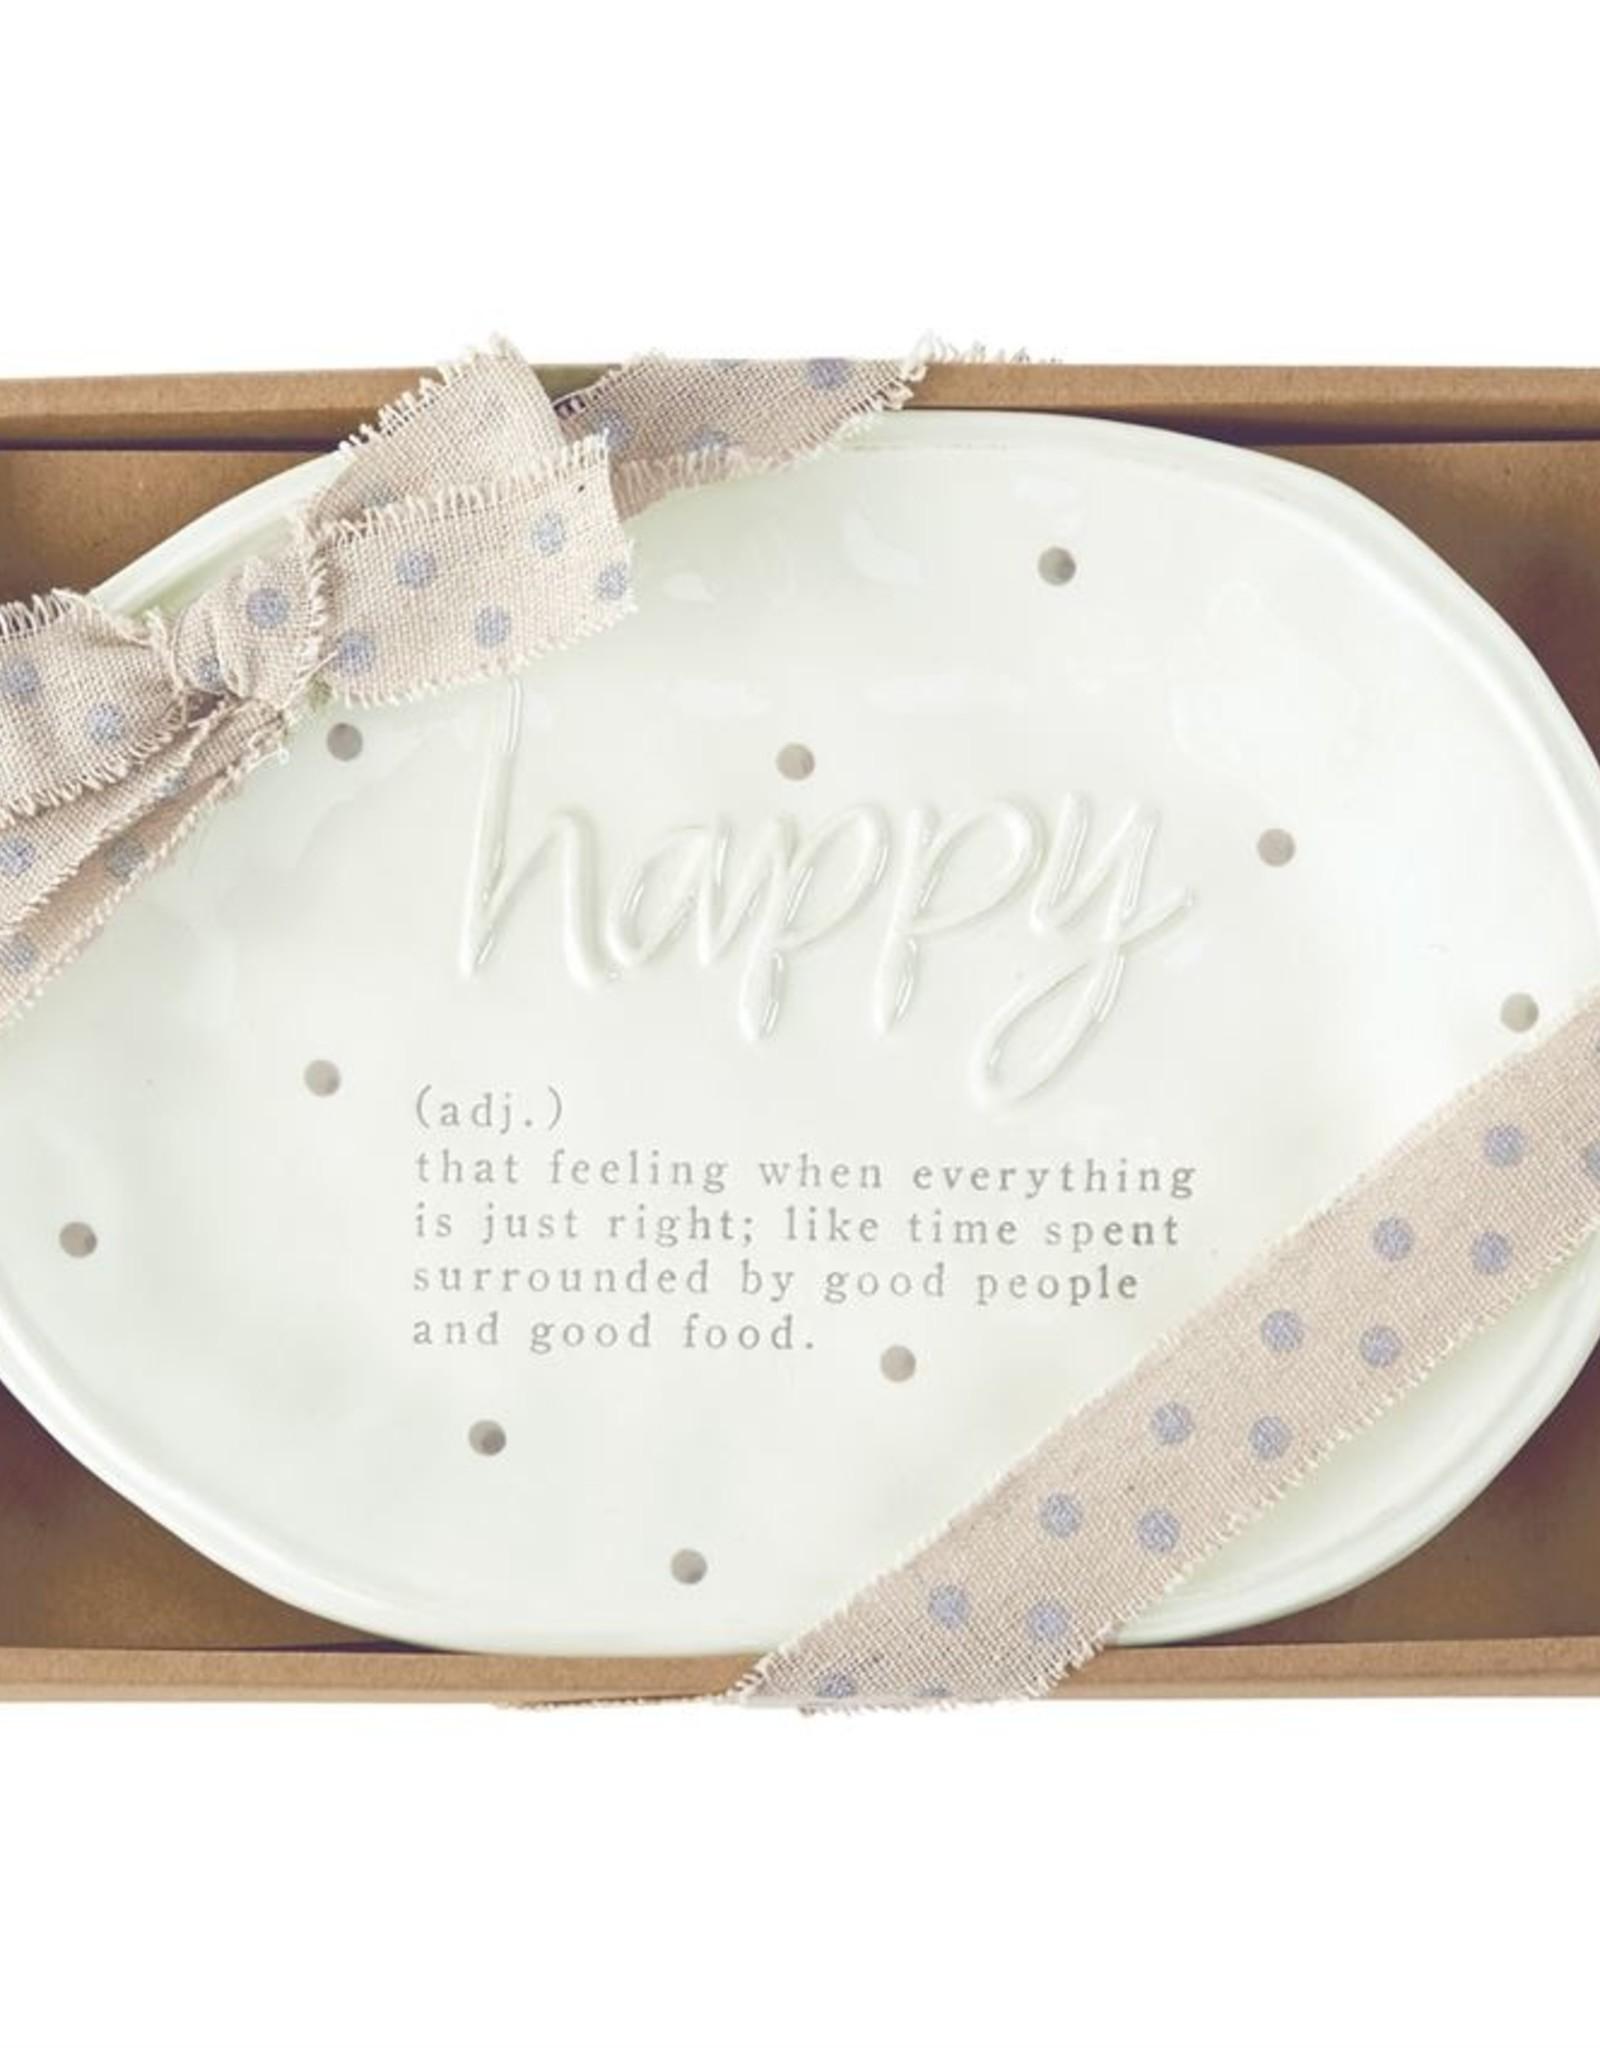 Mud Pie Mud Pie - Happy Definition Plate